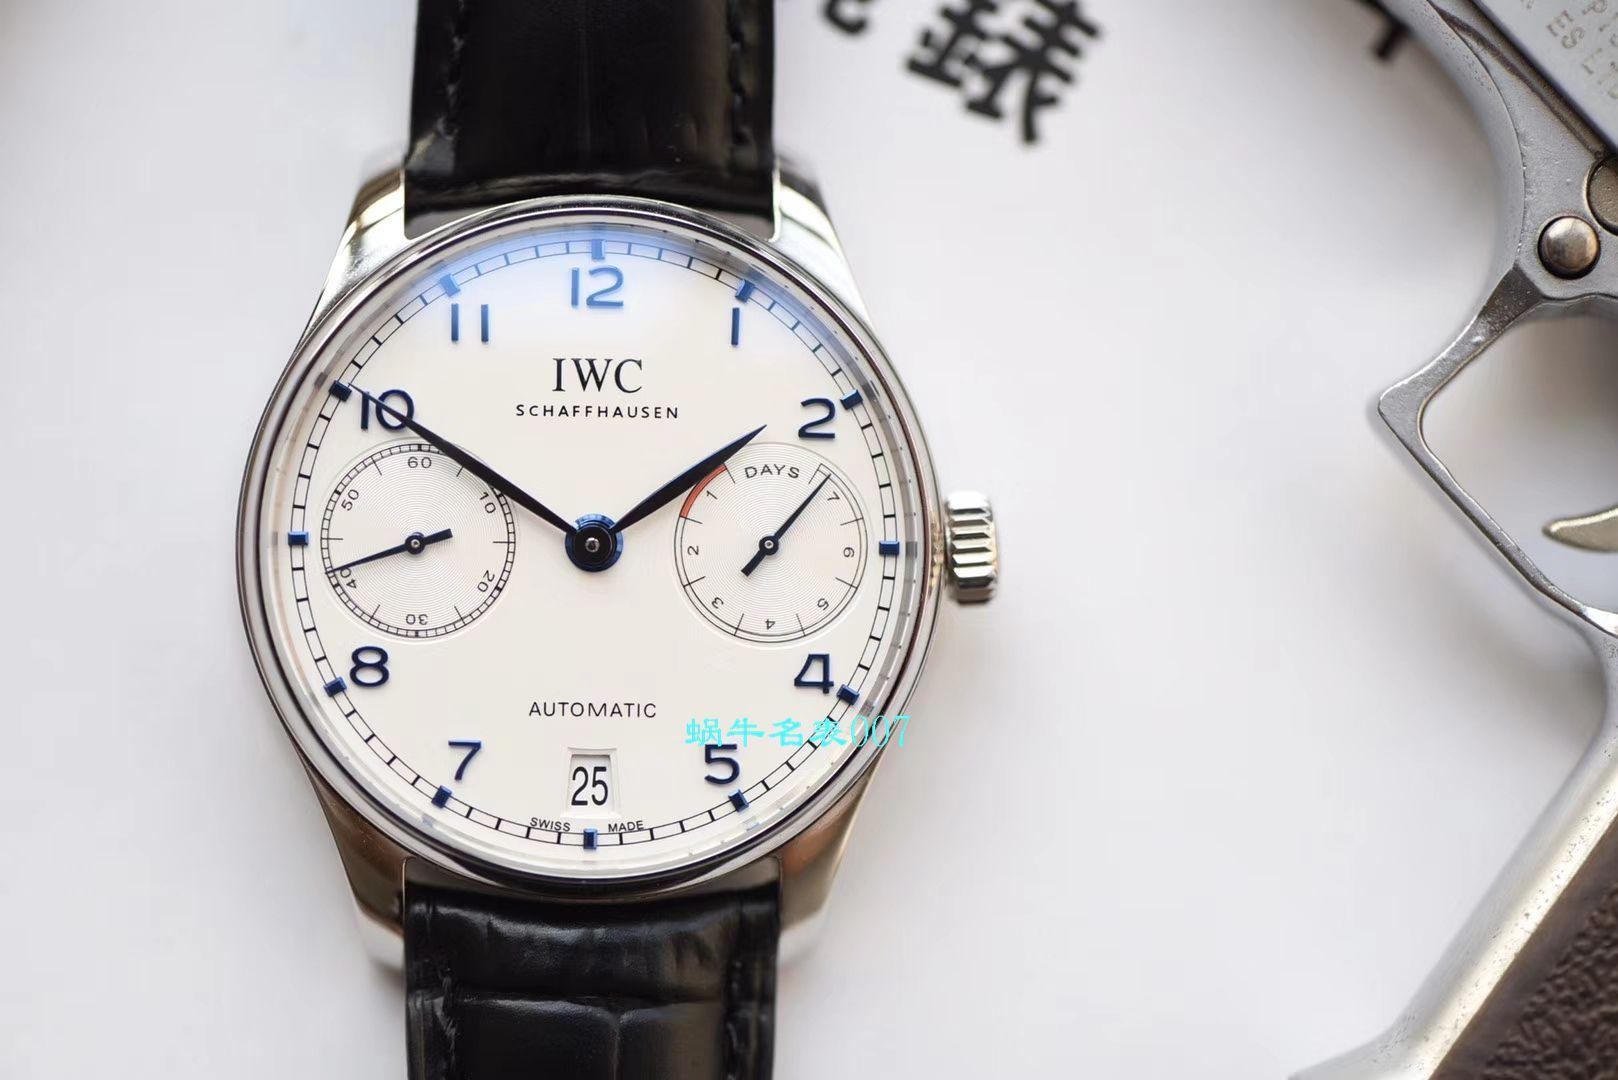 视频评测ZF厂顶级复刻IWC万国葡七V5最高版本IW500705腕表 / WG517